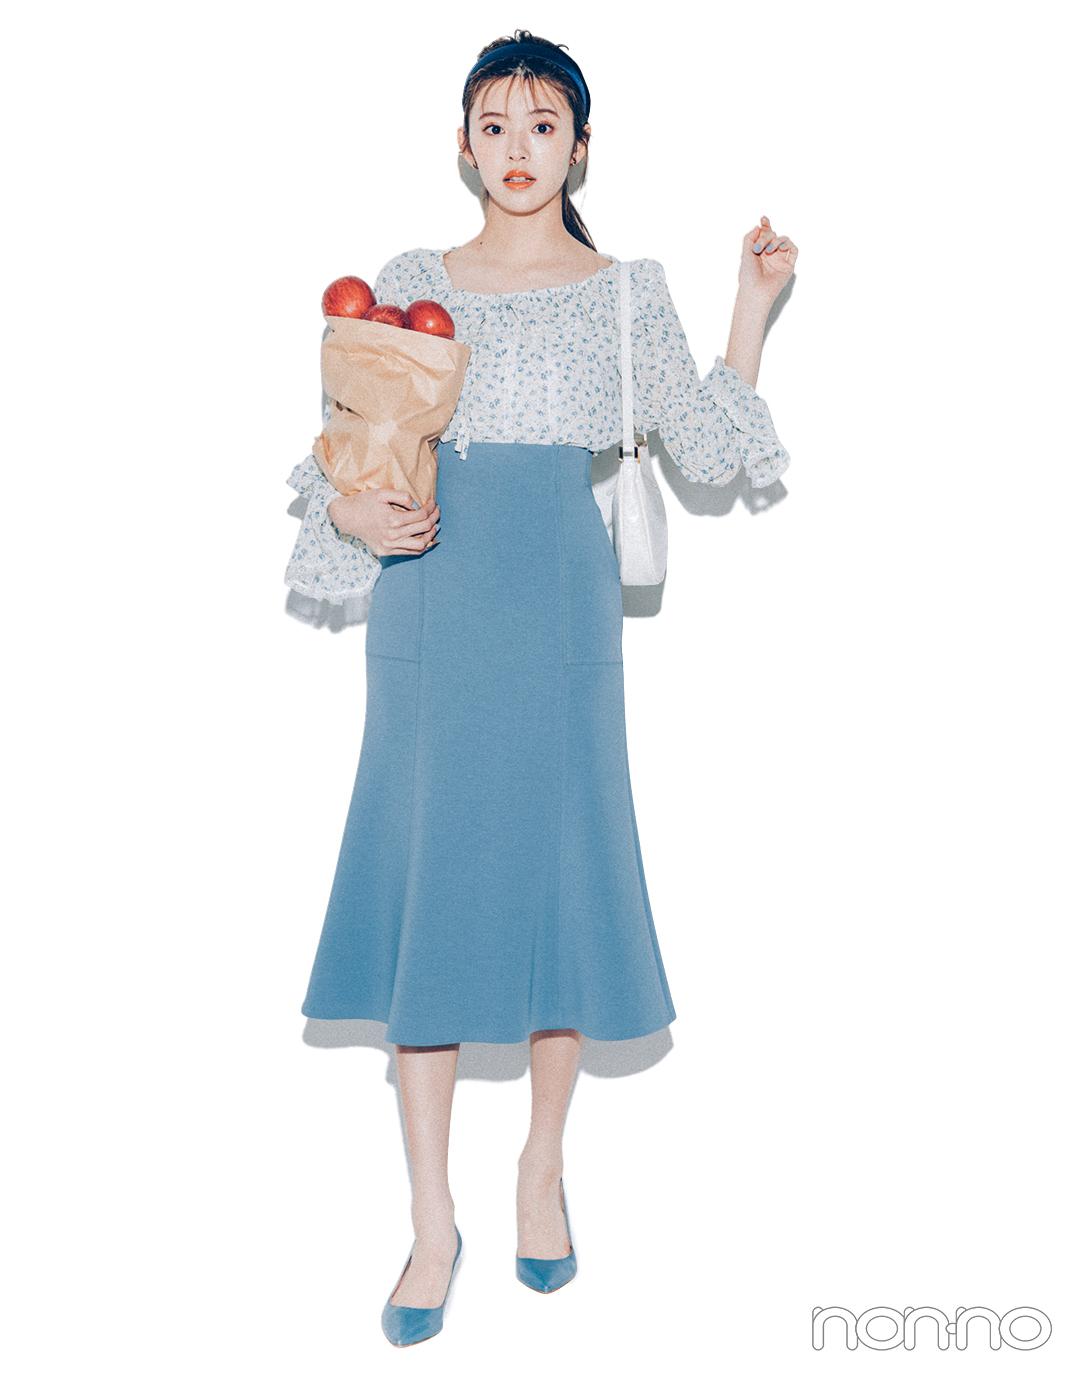 """鈴木ゆうかが着る2021年春の""""着たいものファースト""""なコーデレッスン小花柄ブラウス1"""